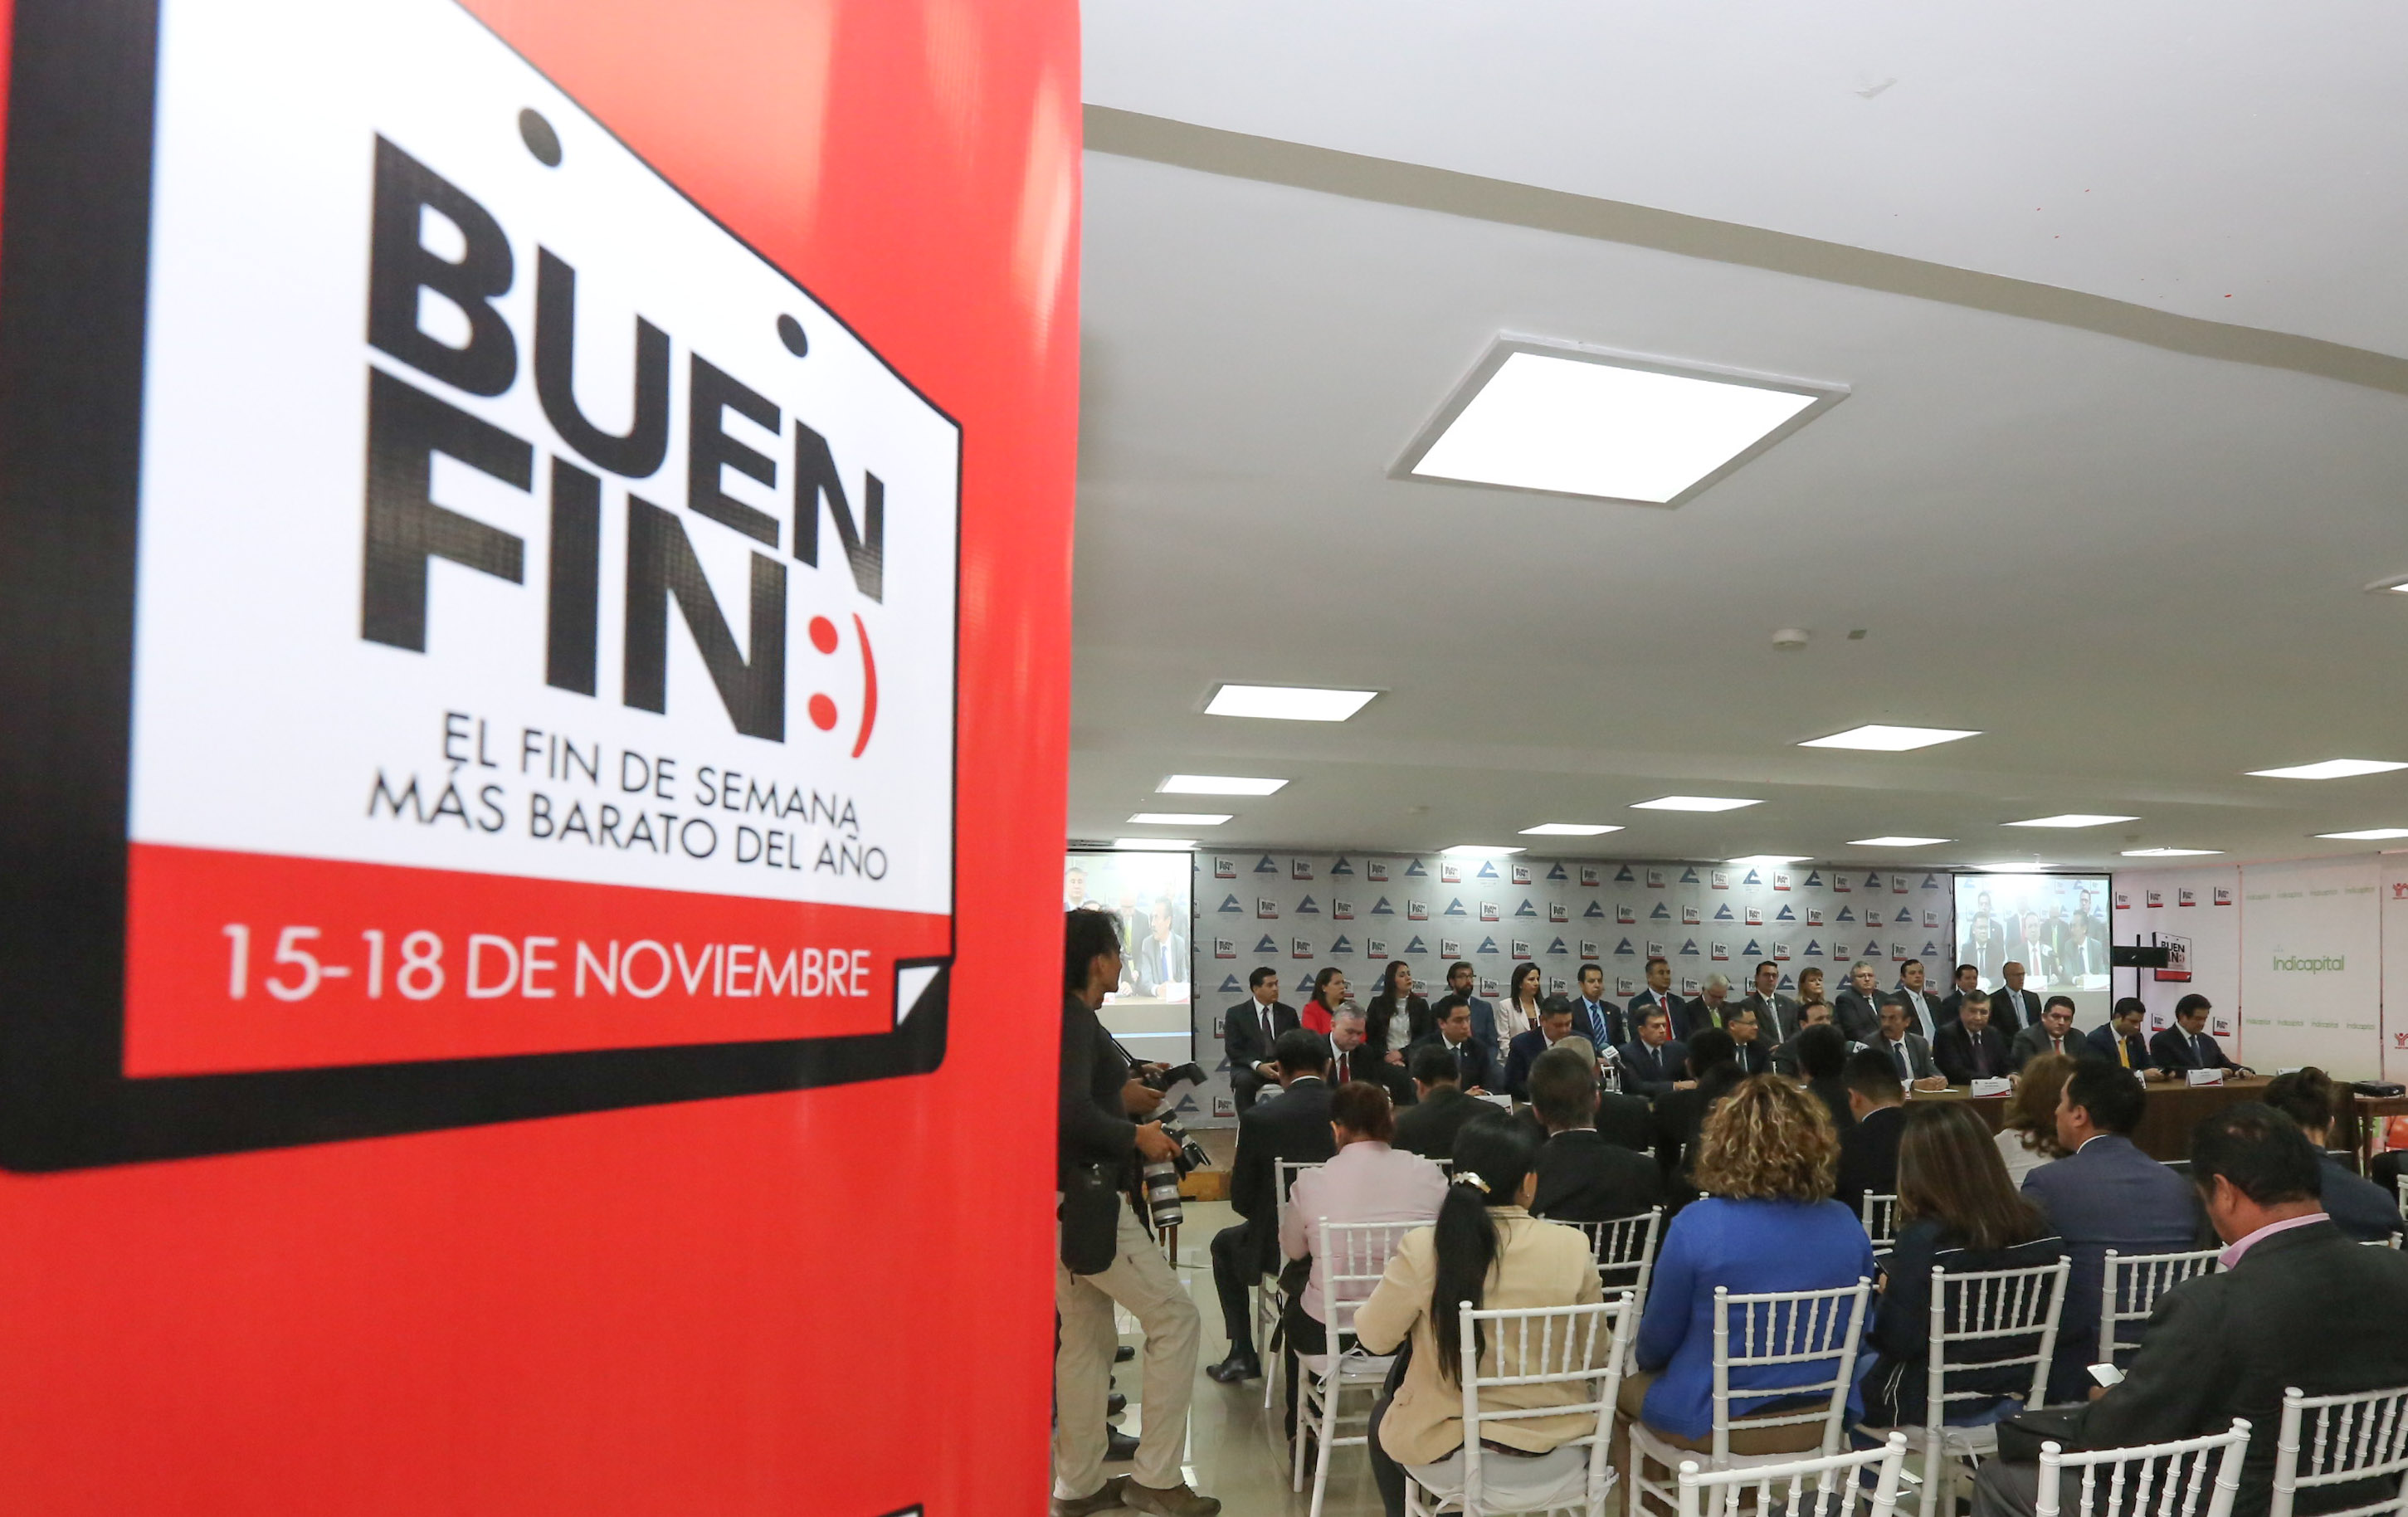 Conferencia de prensa sobre El Buen Fin